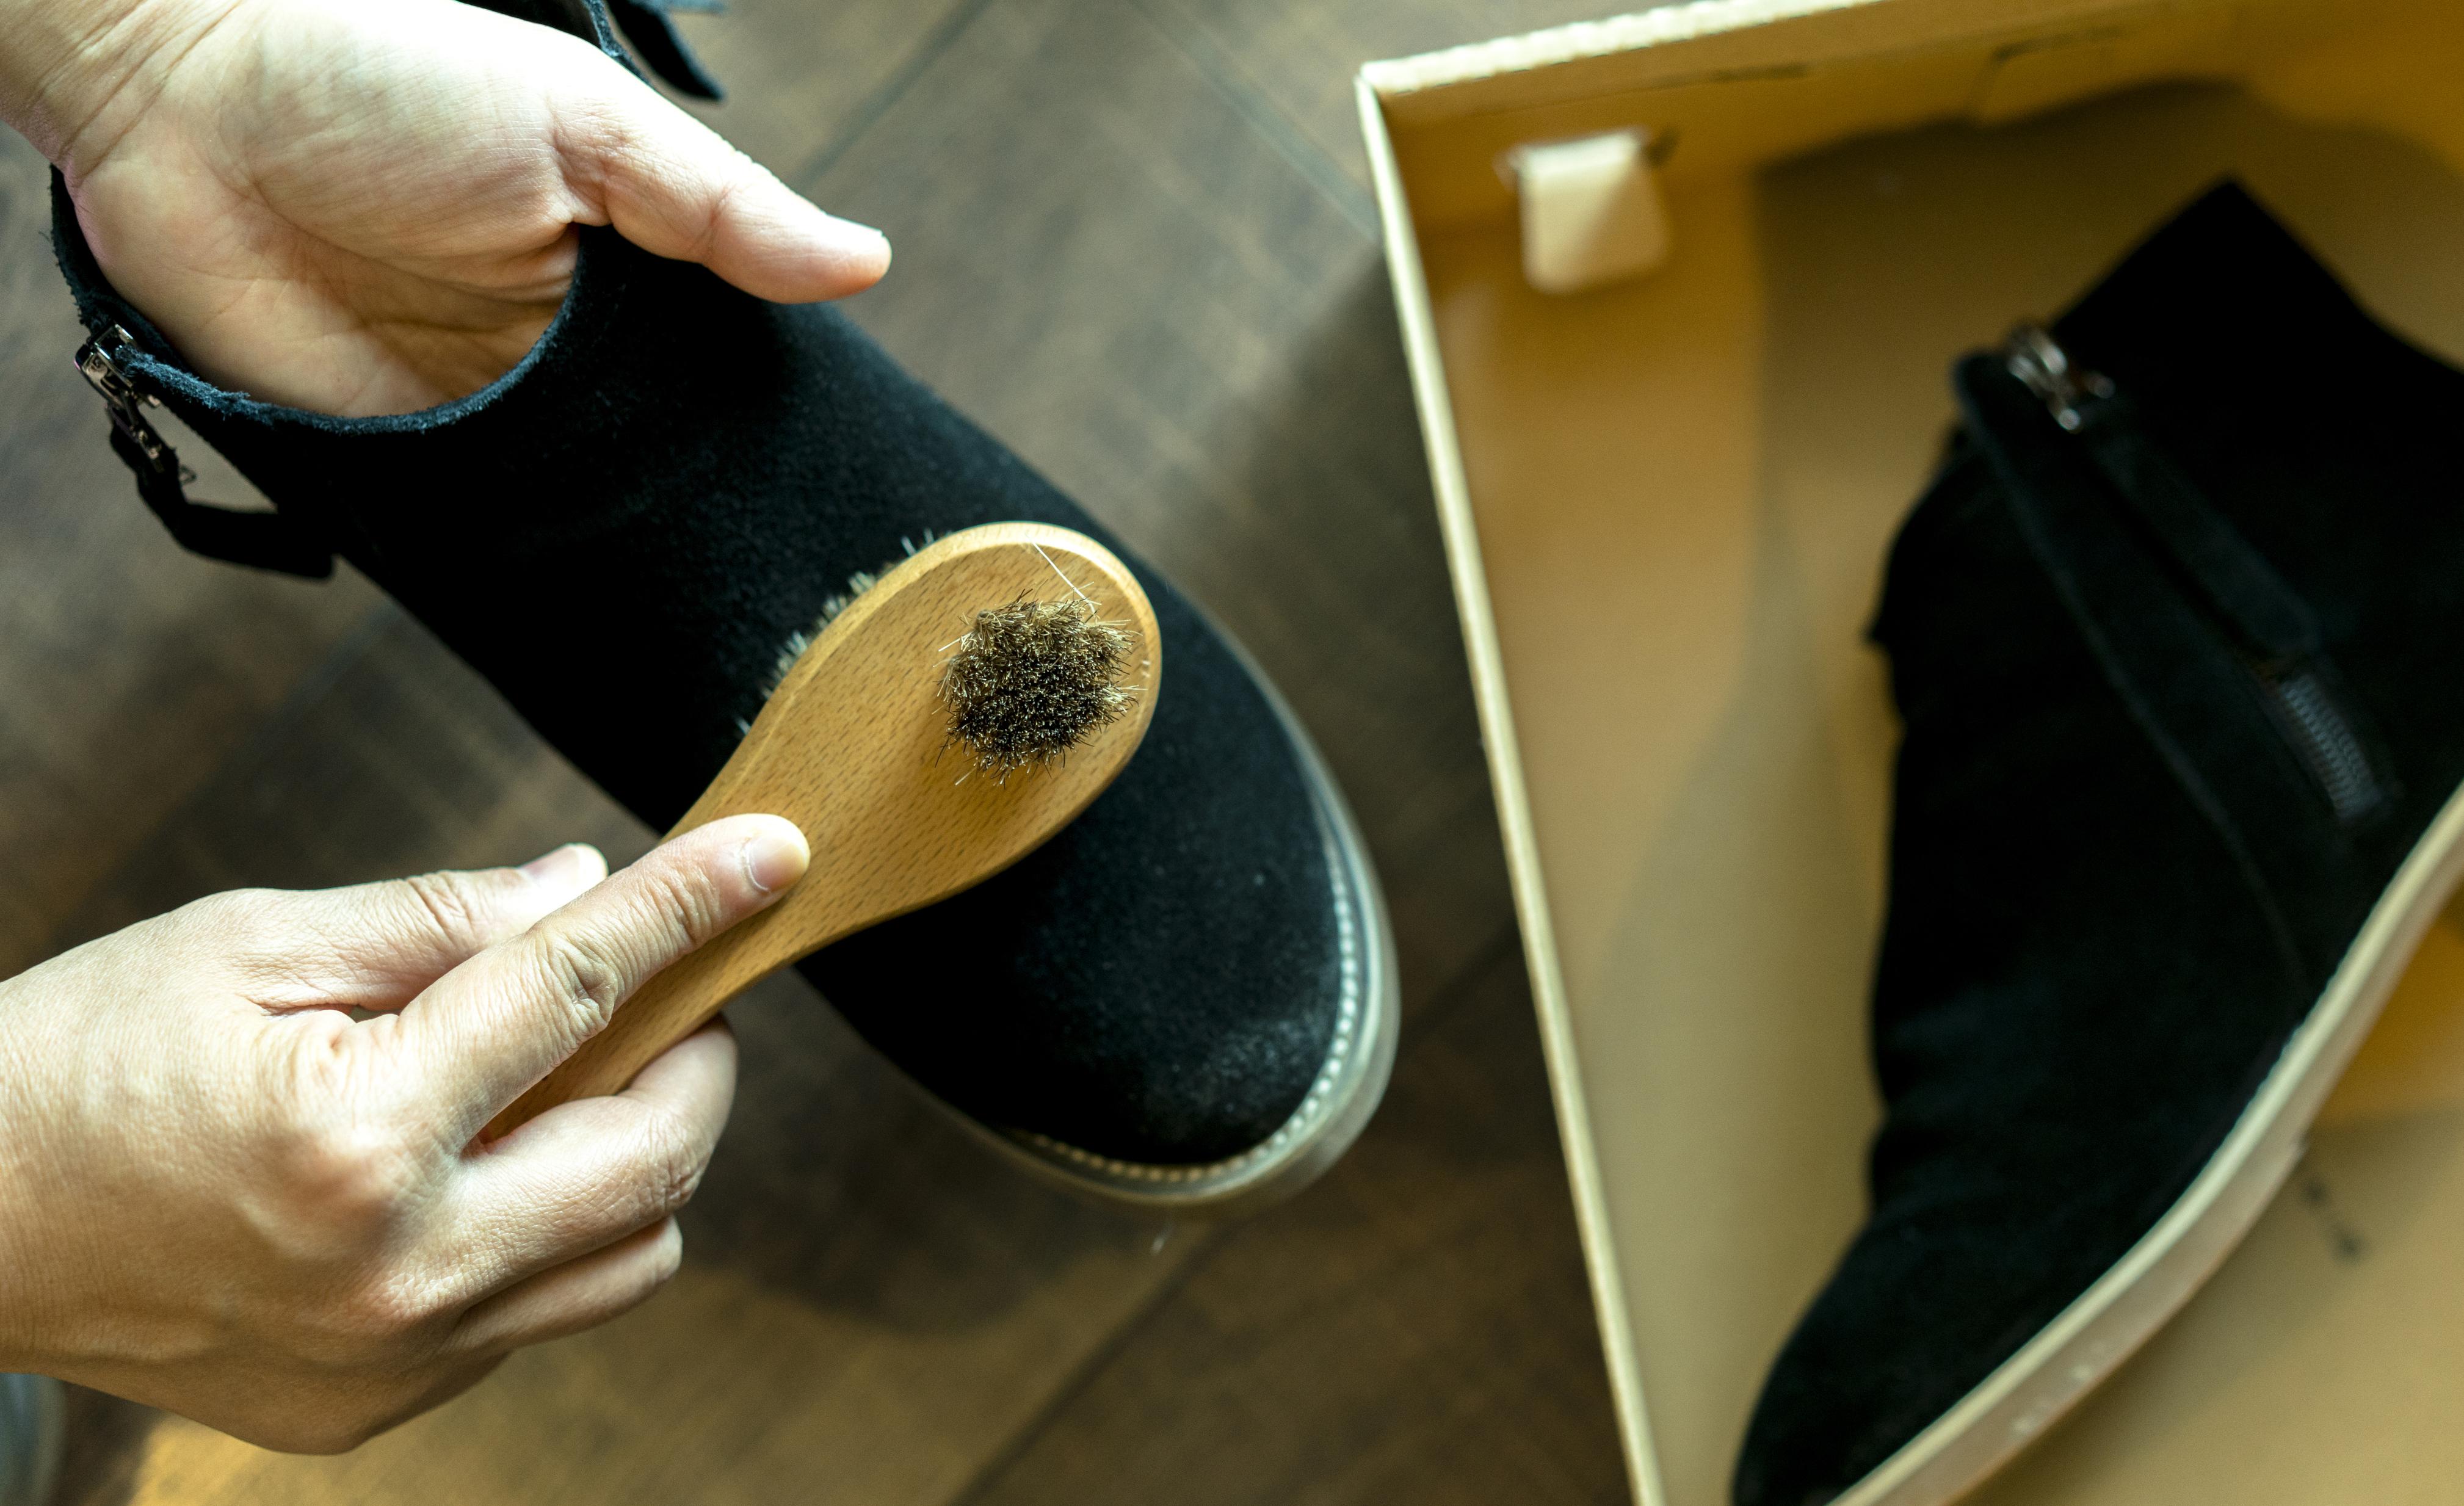 Премахни петно от велурени обувки - трябва да разтъркаш петното с тел за миене на чинии или с по-грубата страна на гъбата за съдове и мръсотията ще отпадне.